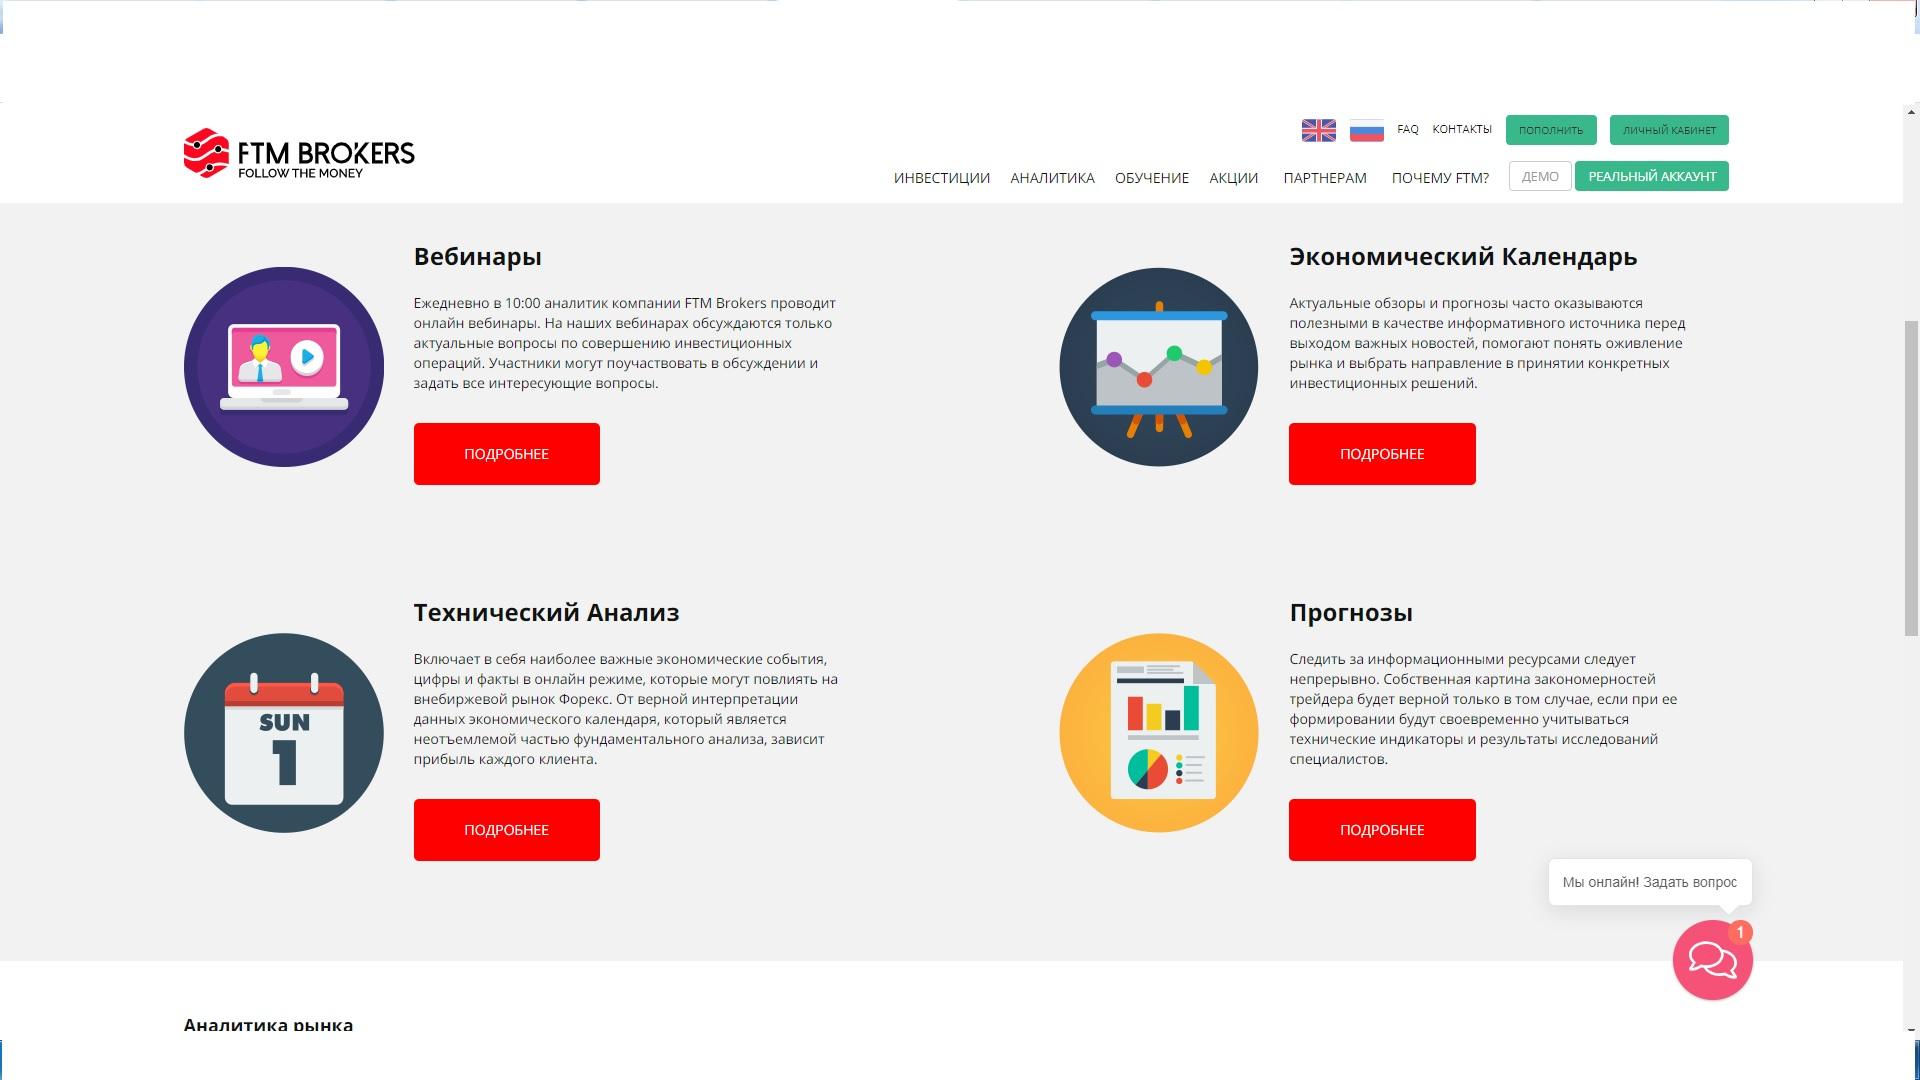 Бесплатные услуги портала «ФТМ брокерс»